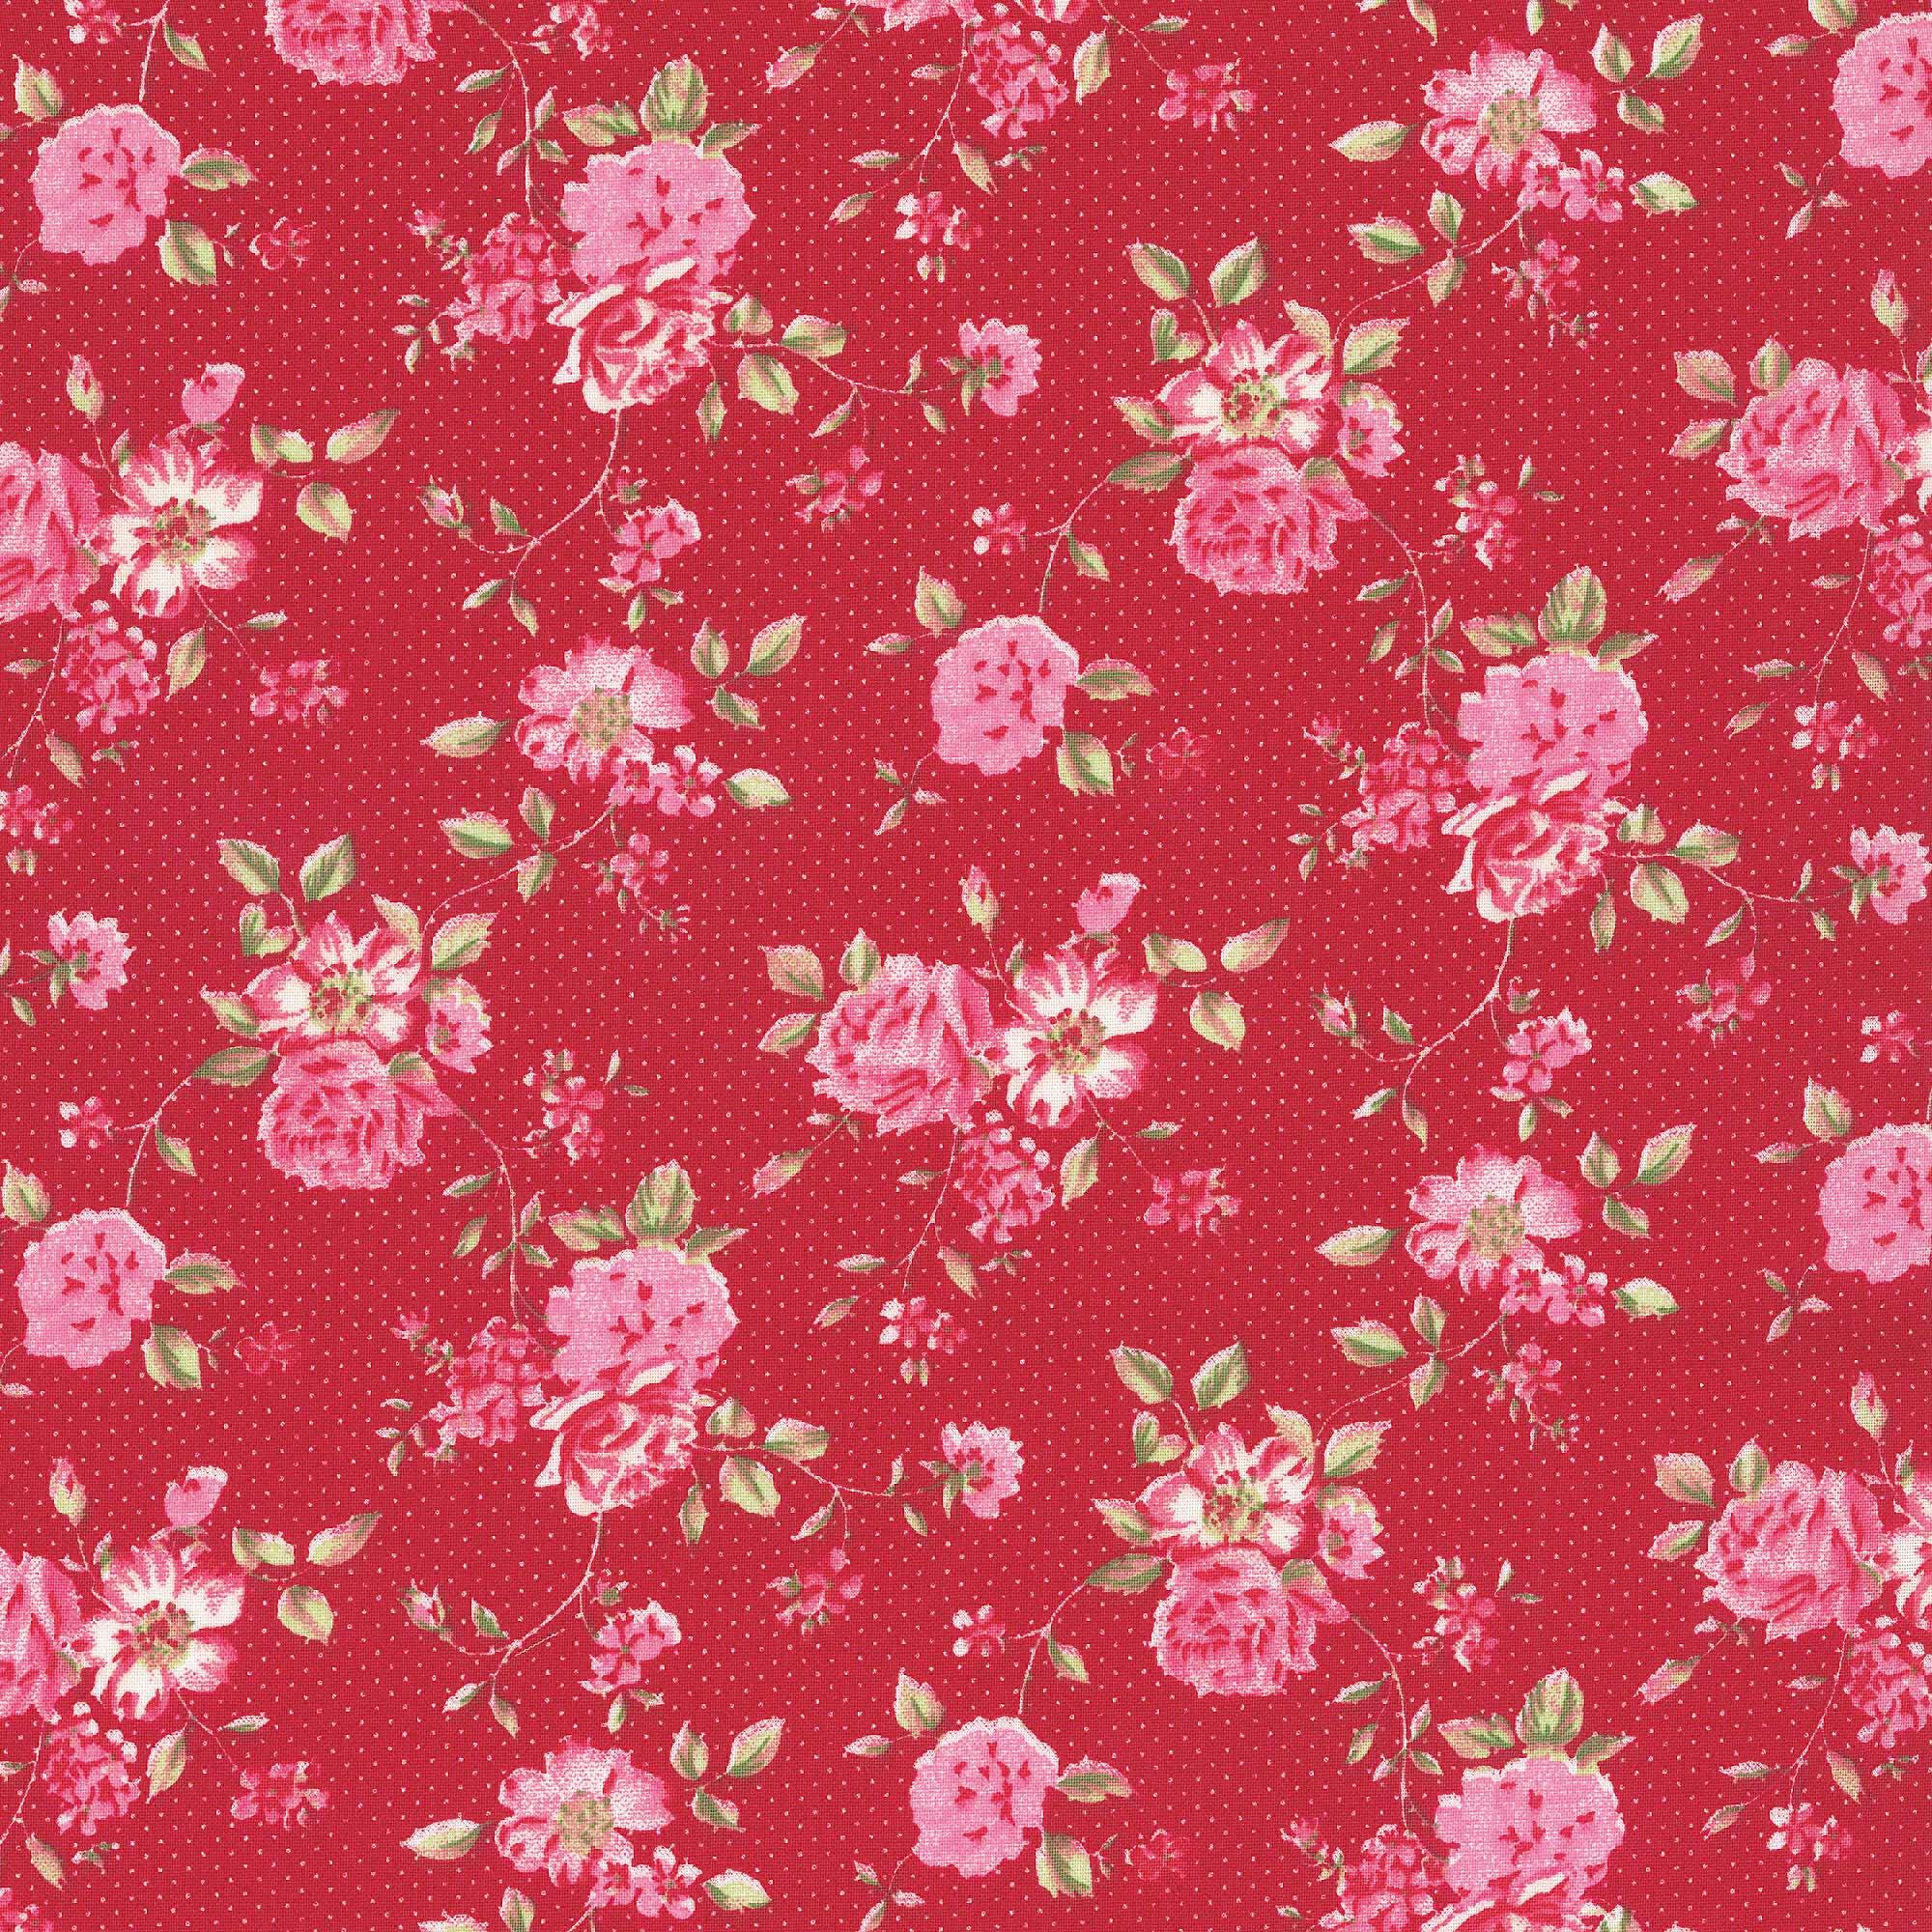 produkt_img/010506261.jpg